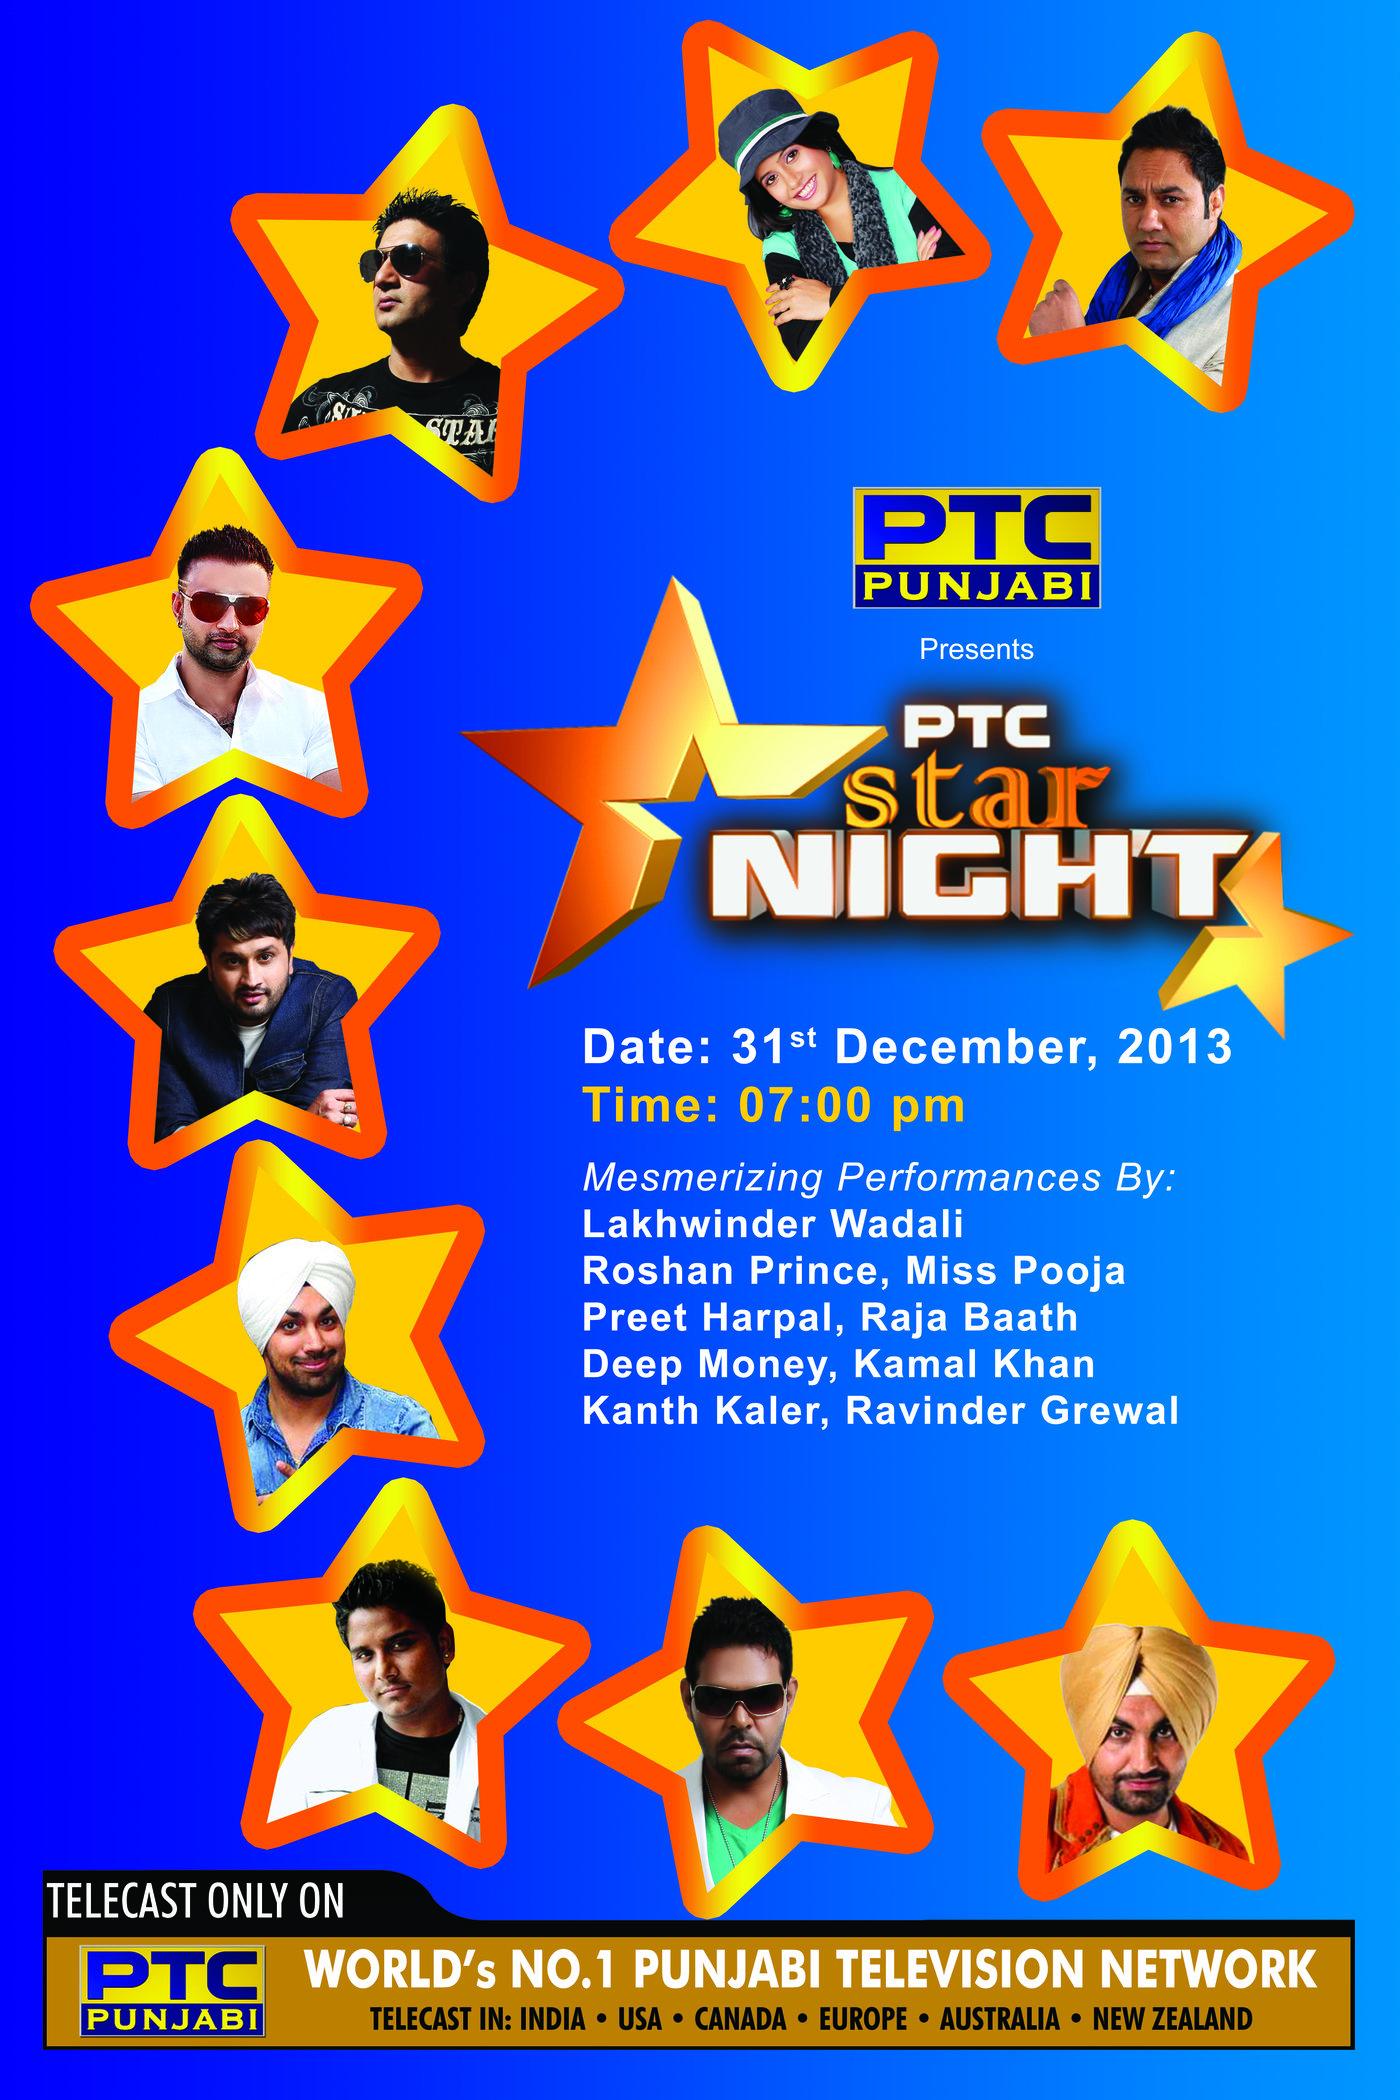 PTC punjabi by Varinder Singh Nagi at Coroflot com